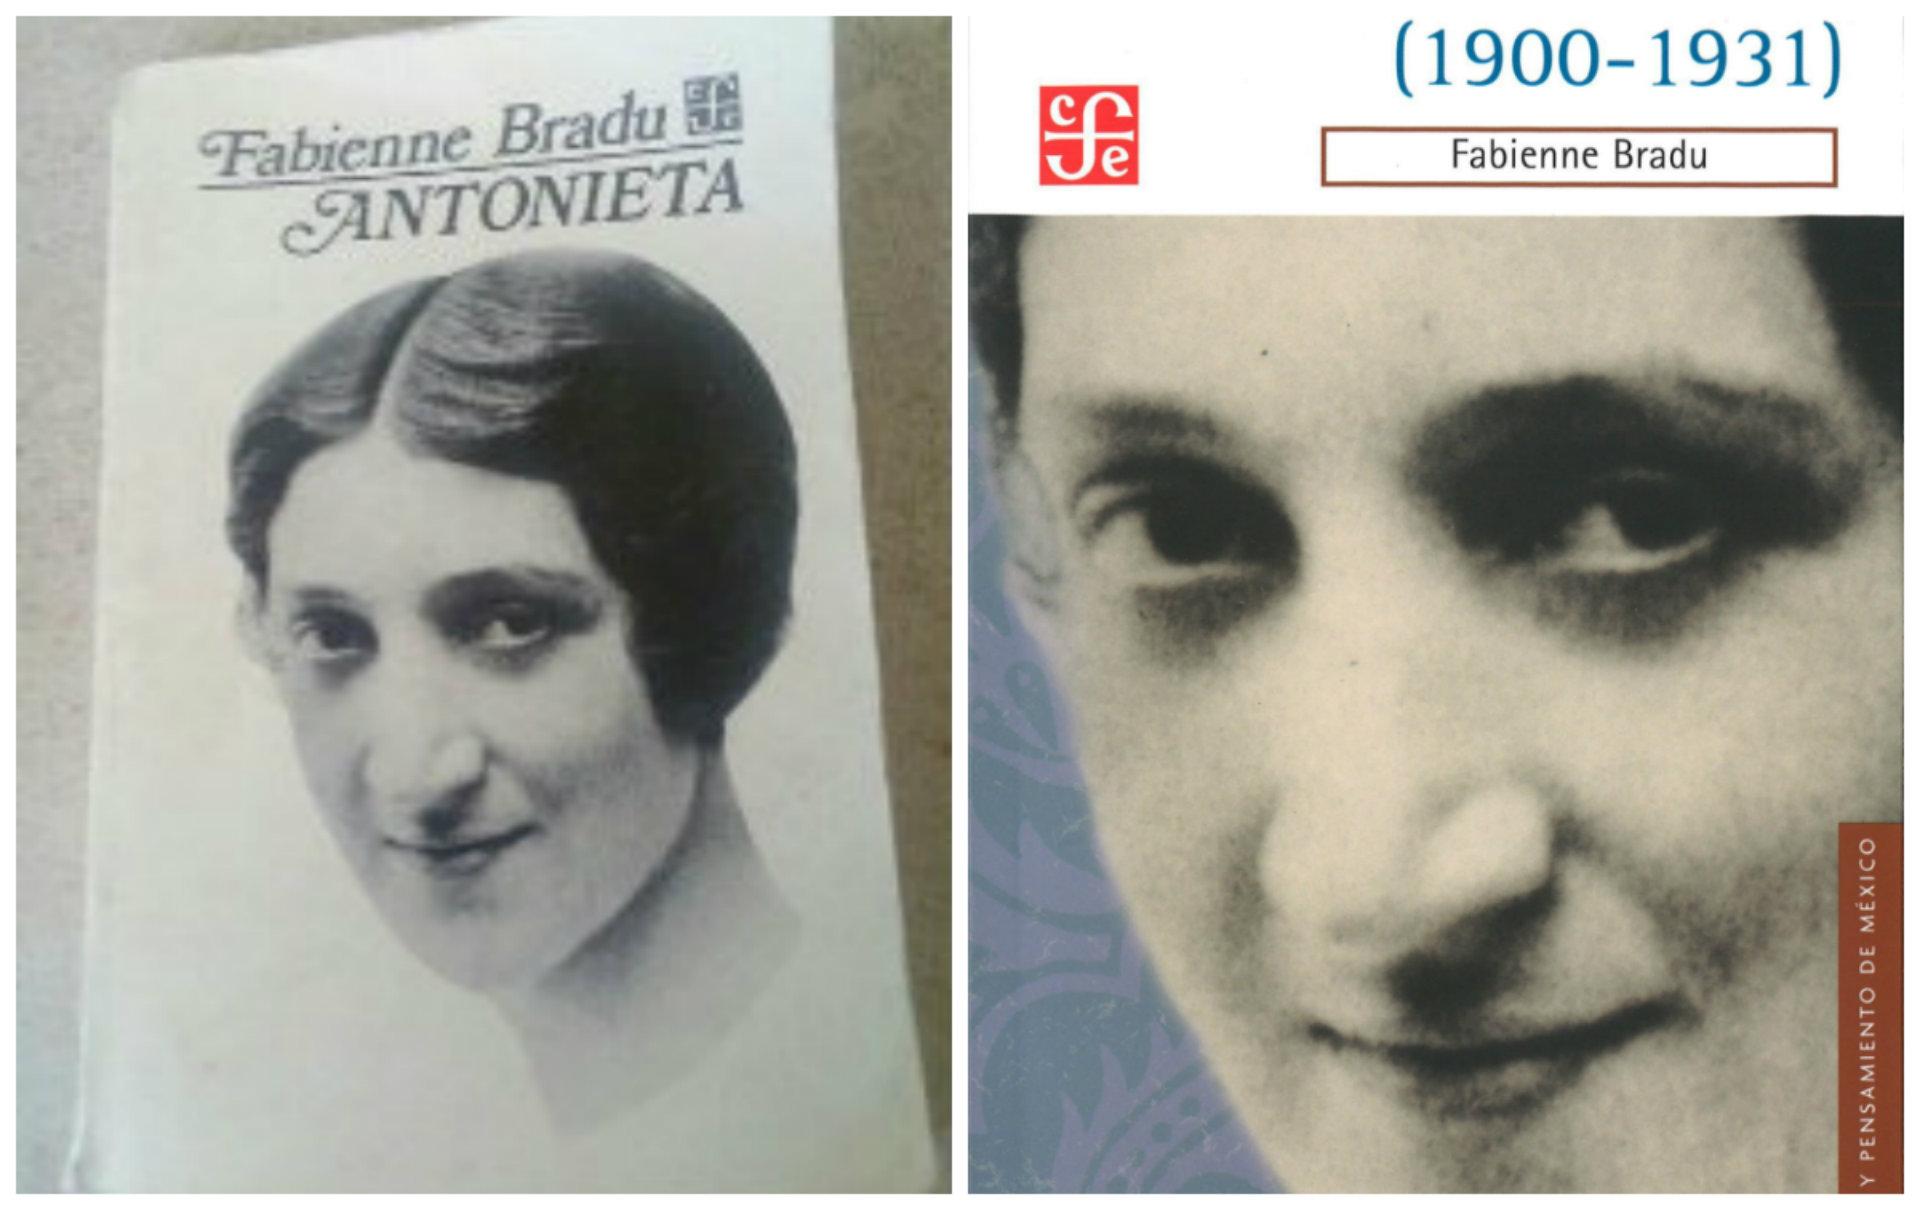 La vida de Antonieta también inspiró varios libros (Especial)